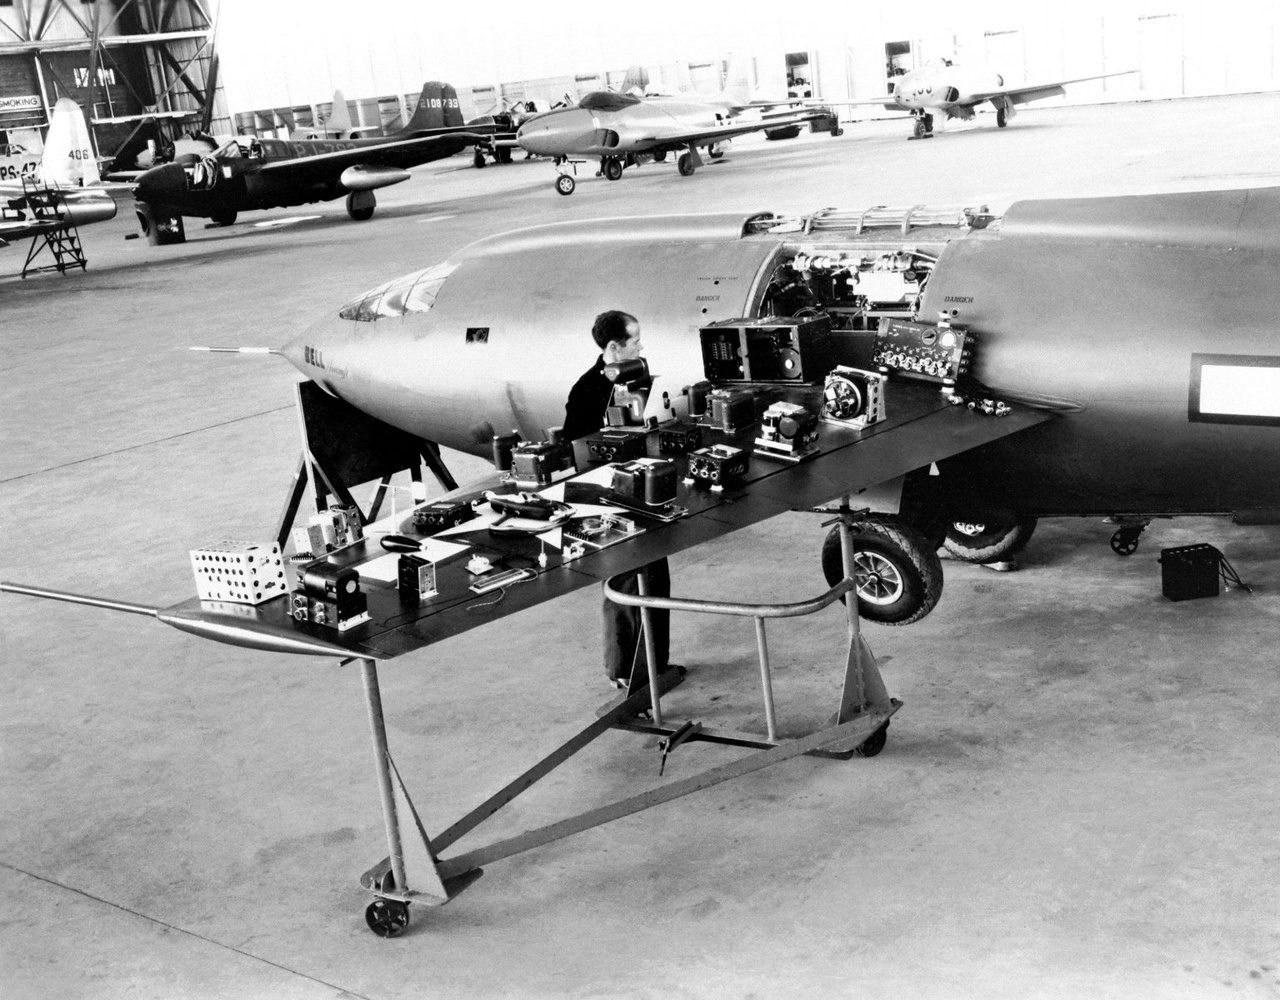 Egy kiállított X-1 az Edwards légibázison tartott nyílt nap alkalmával, 1947-48 környékén. A repülőgép szárnyára kipakolva az X-1-be épített műszerek láthatók, a háttérben sugárhajtású vadászgépek.